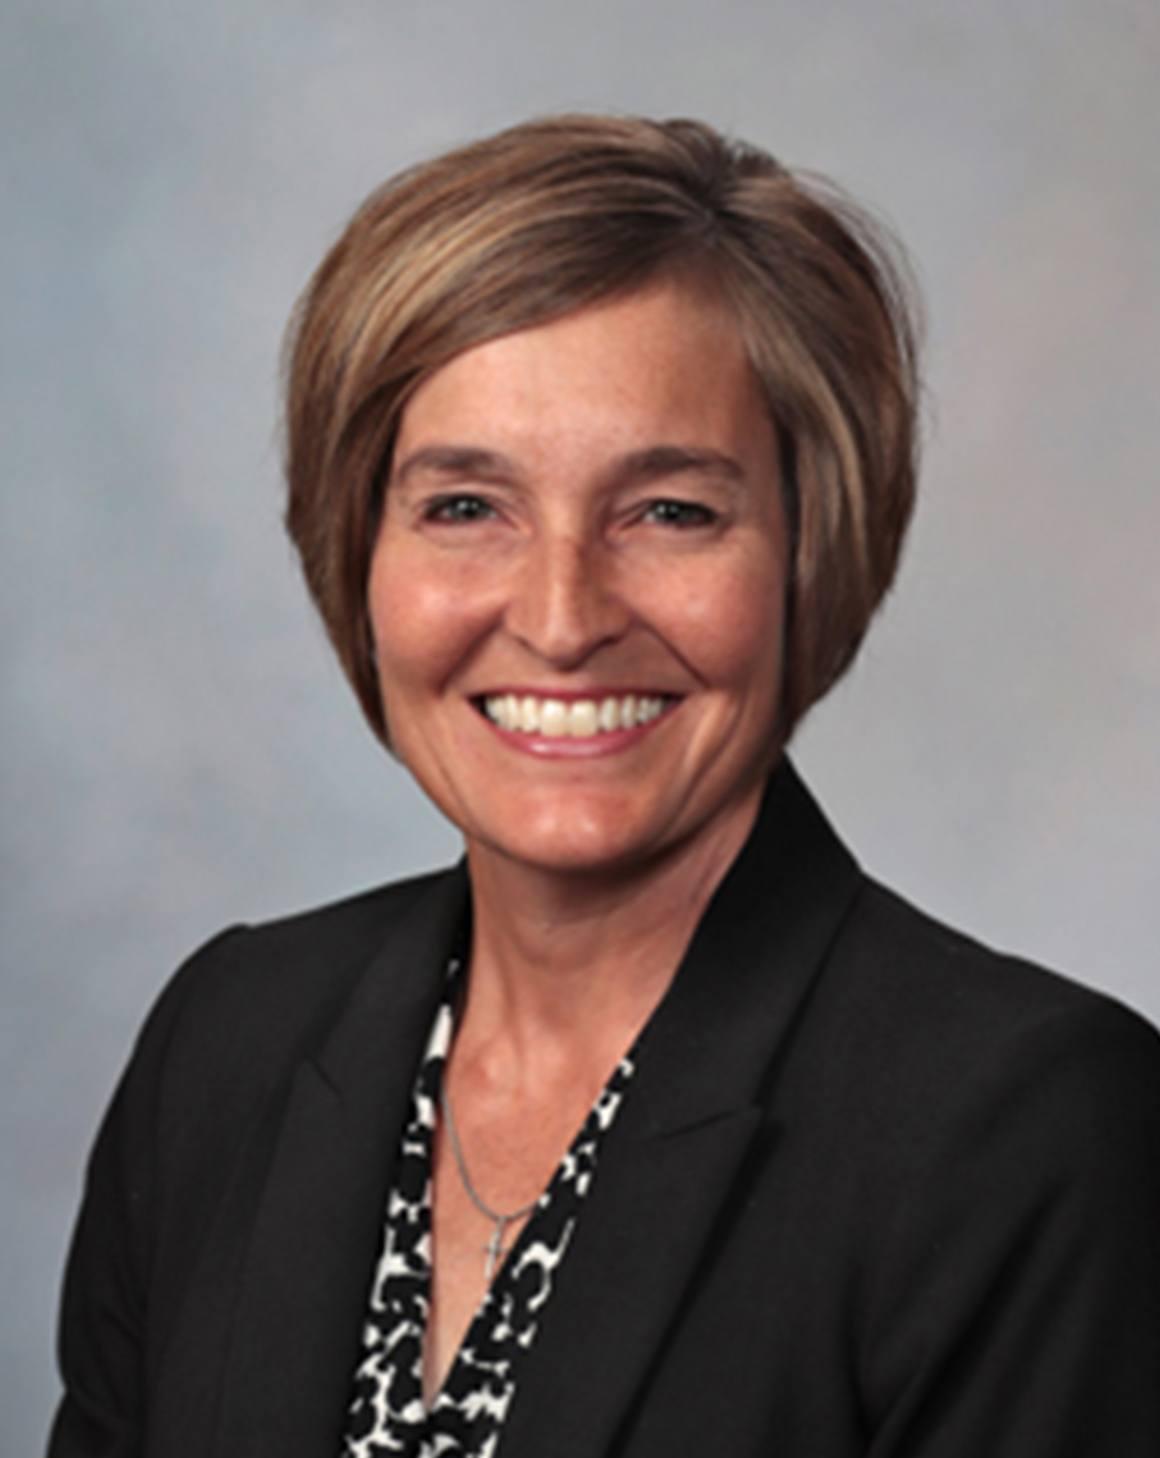 Photo of Karen Rech, M.D.